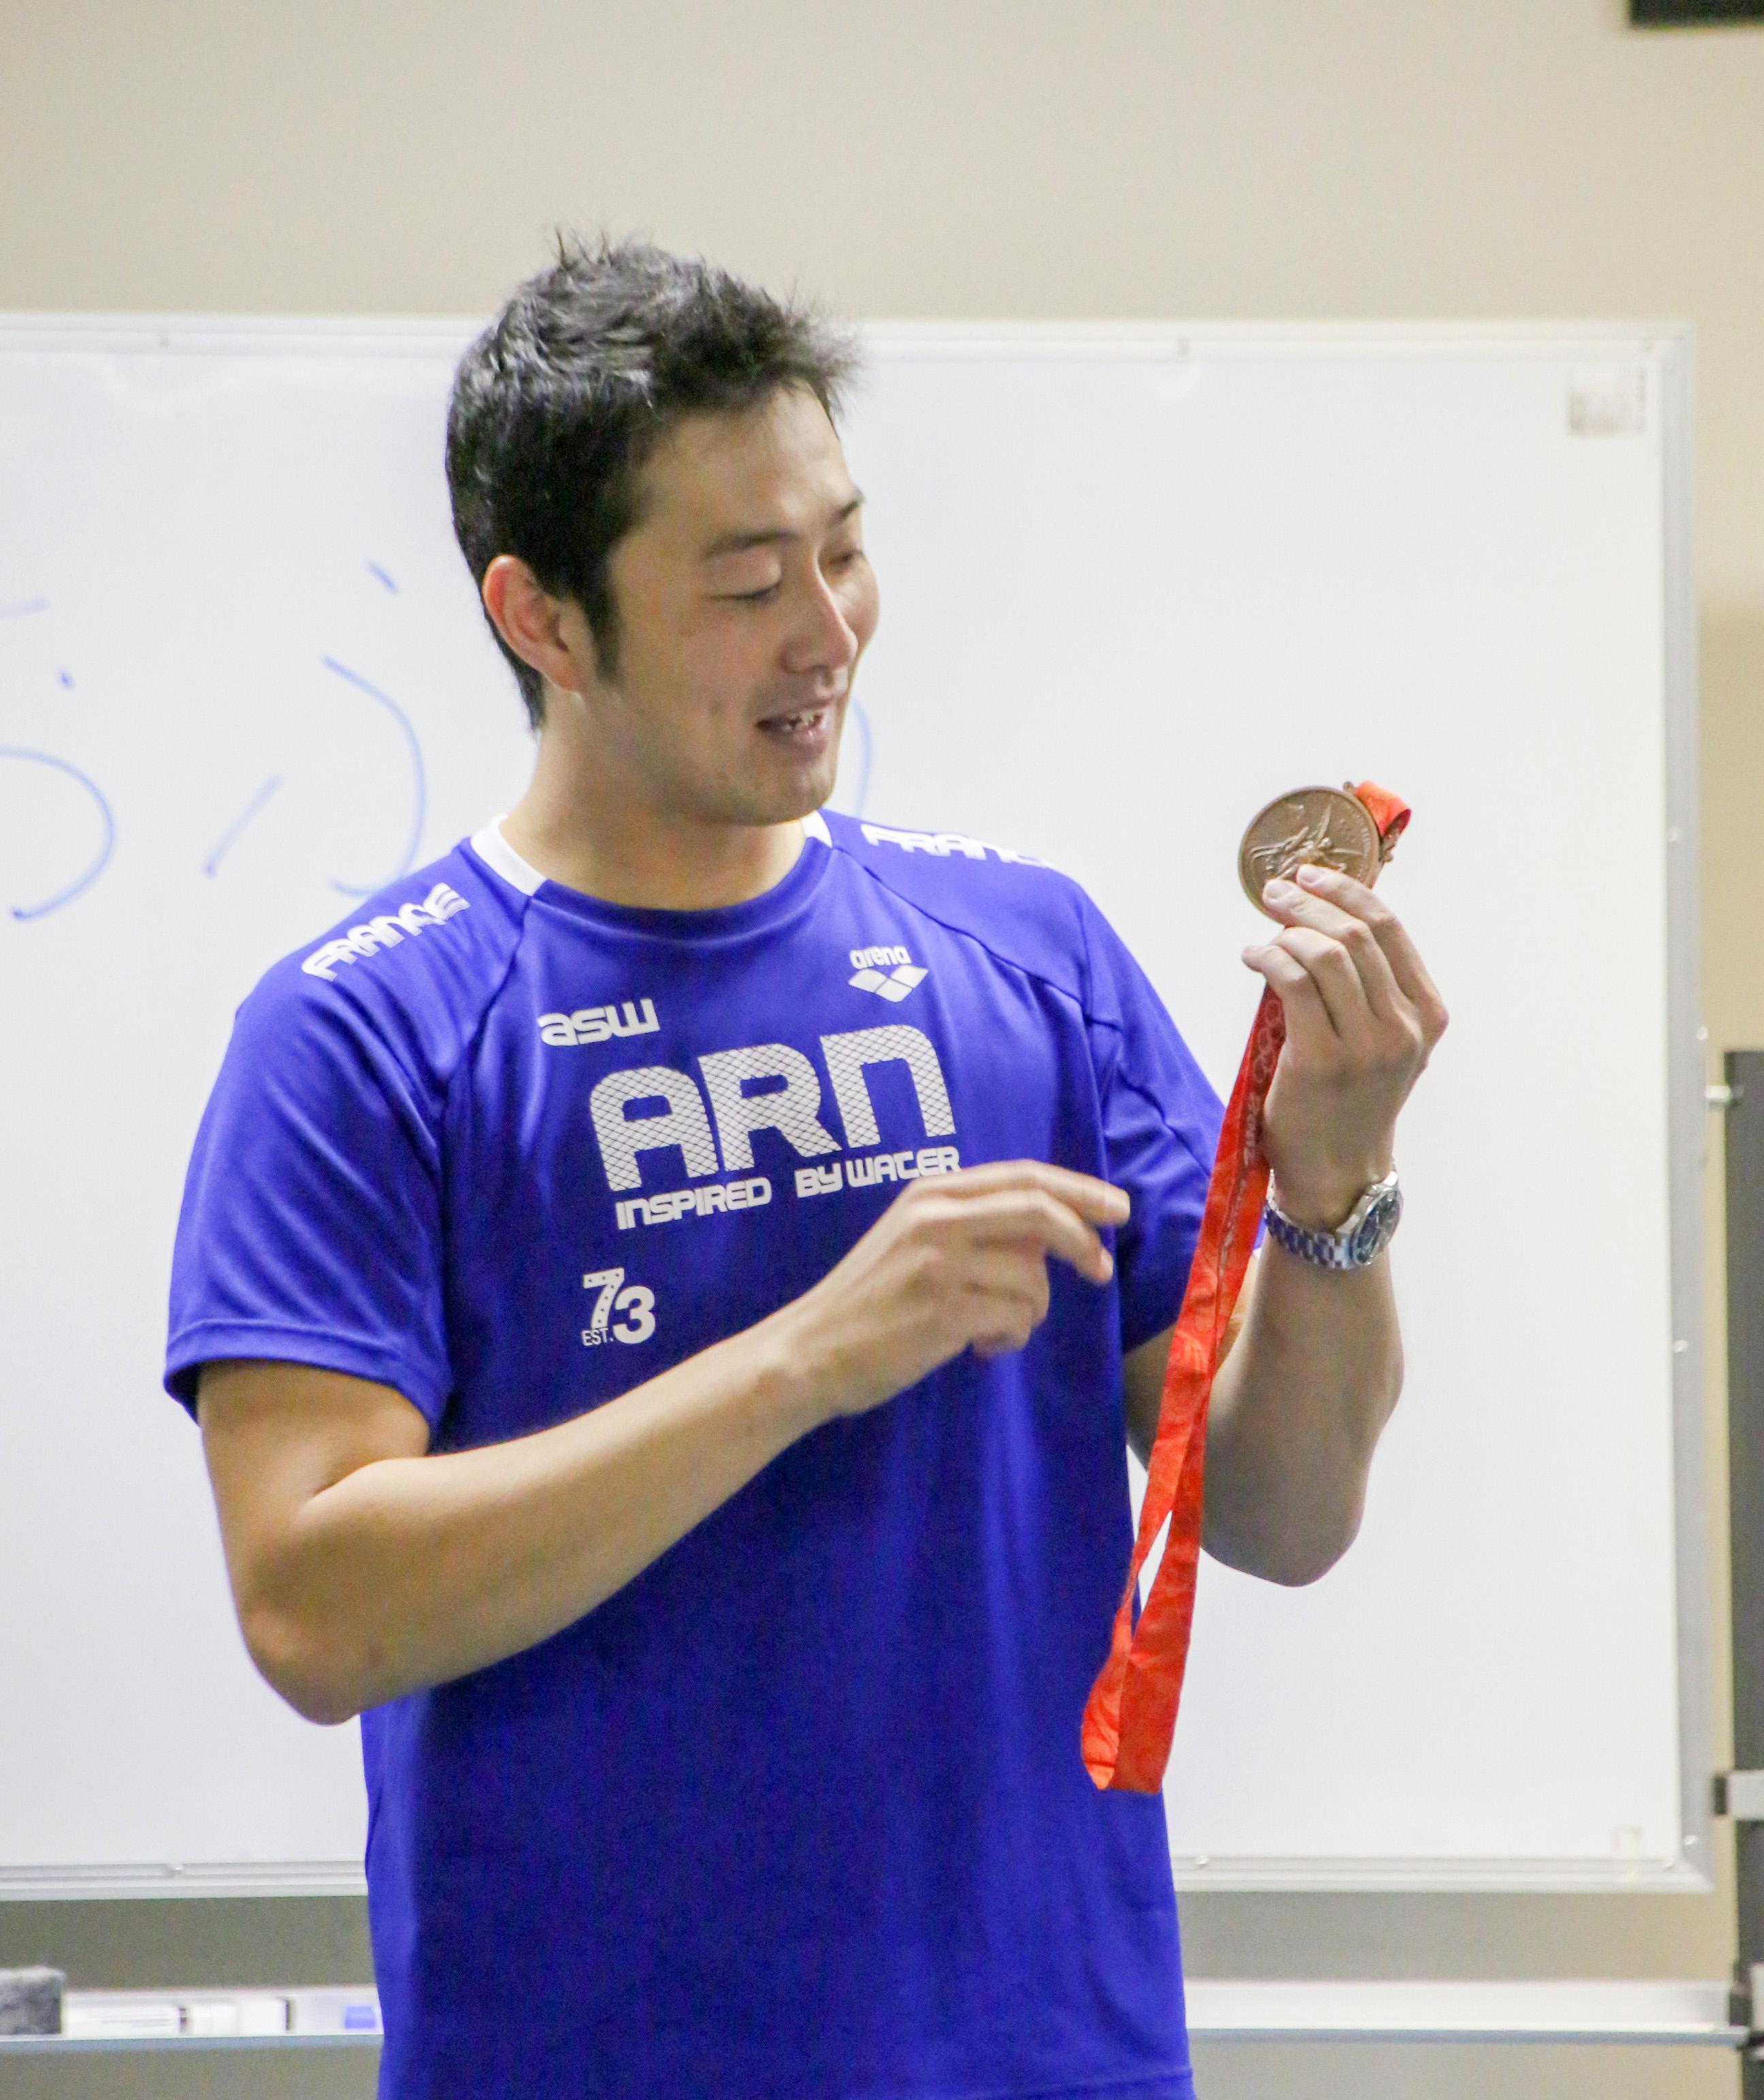 北京オリンピックの銅メダルを披露